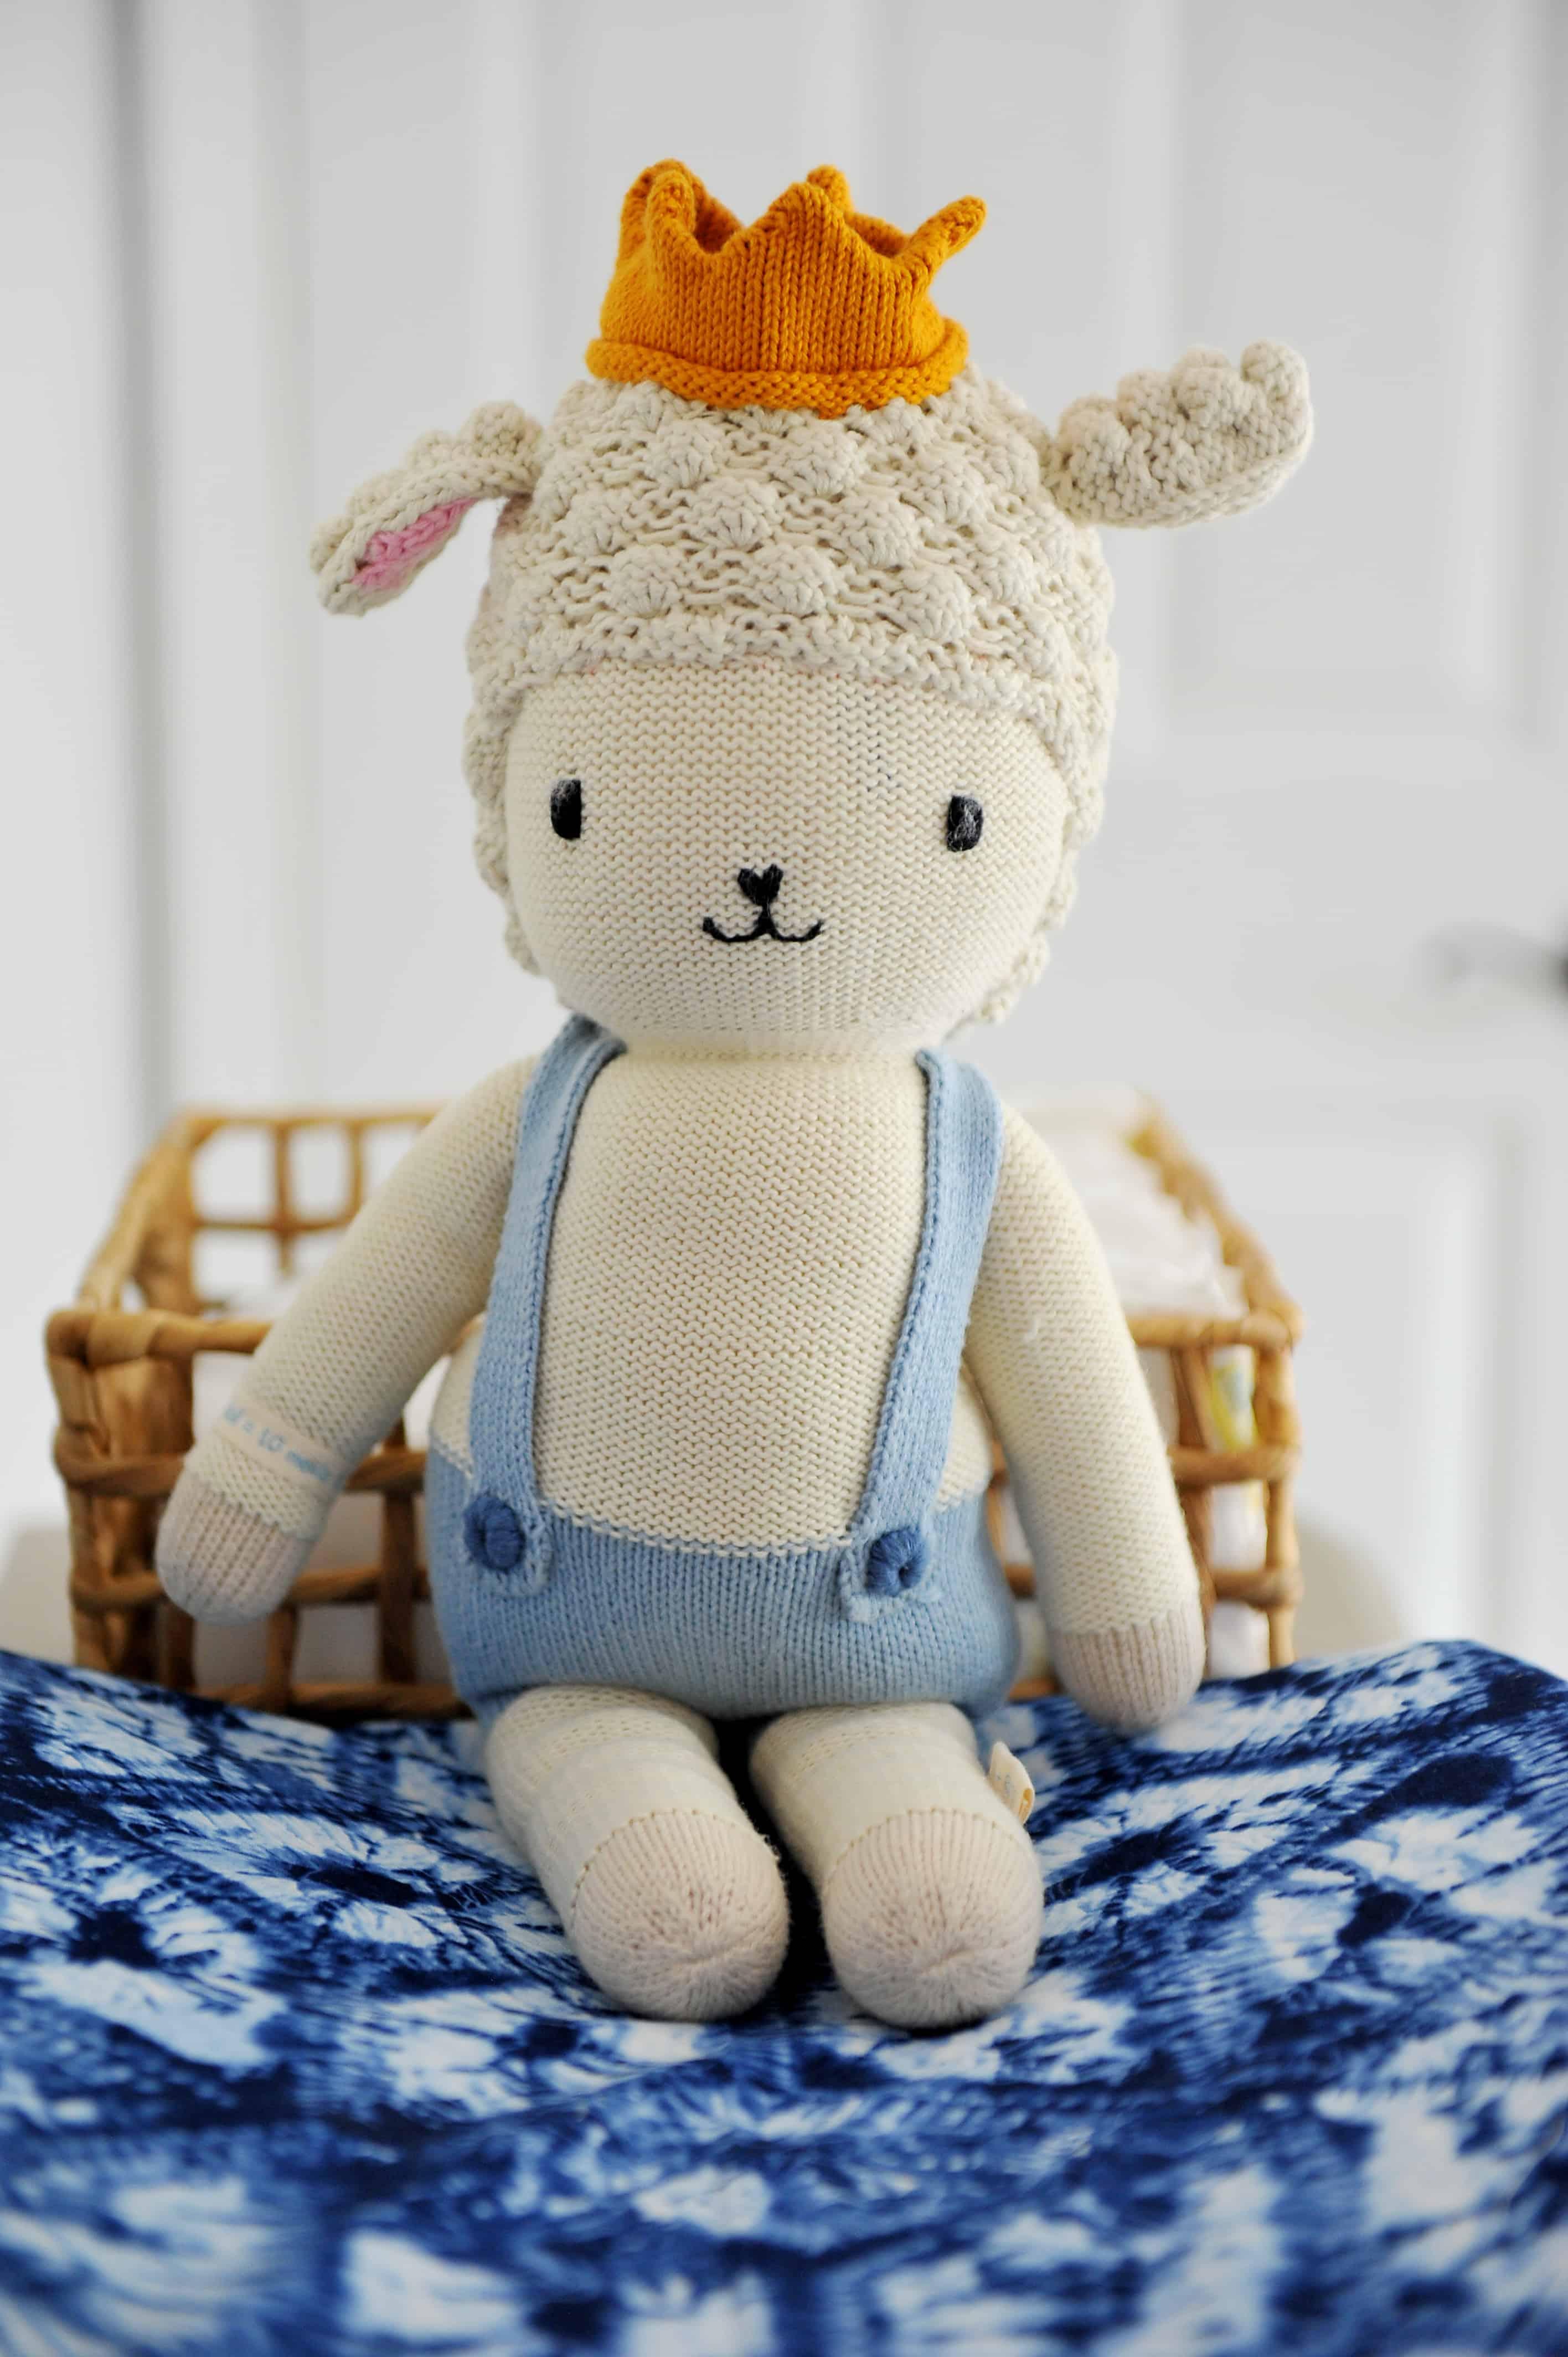 cuddle and kind sebastian doll | Modern Boy Nursery Items